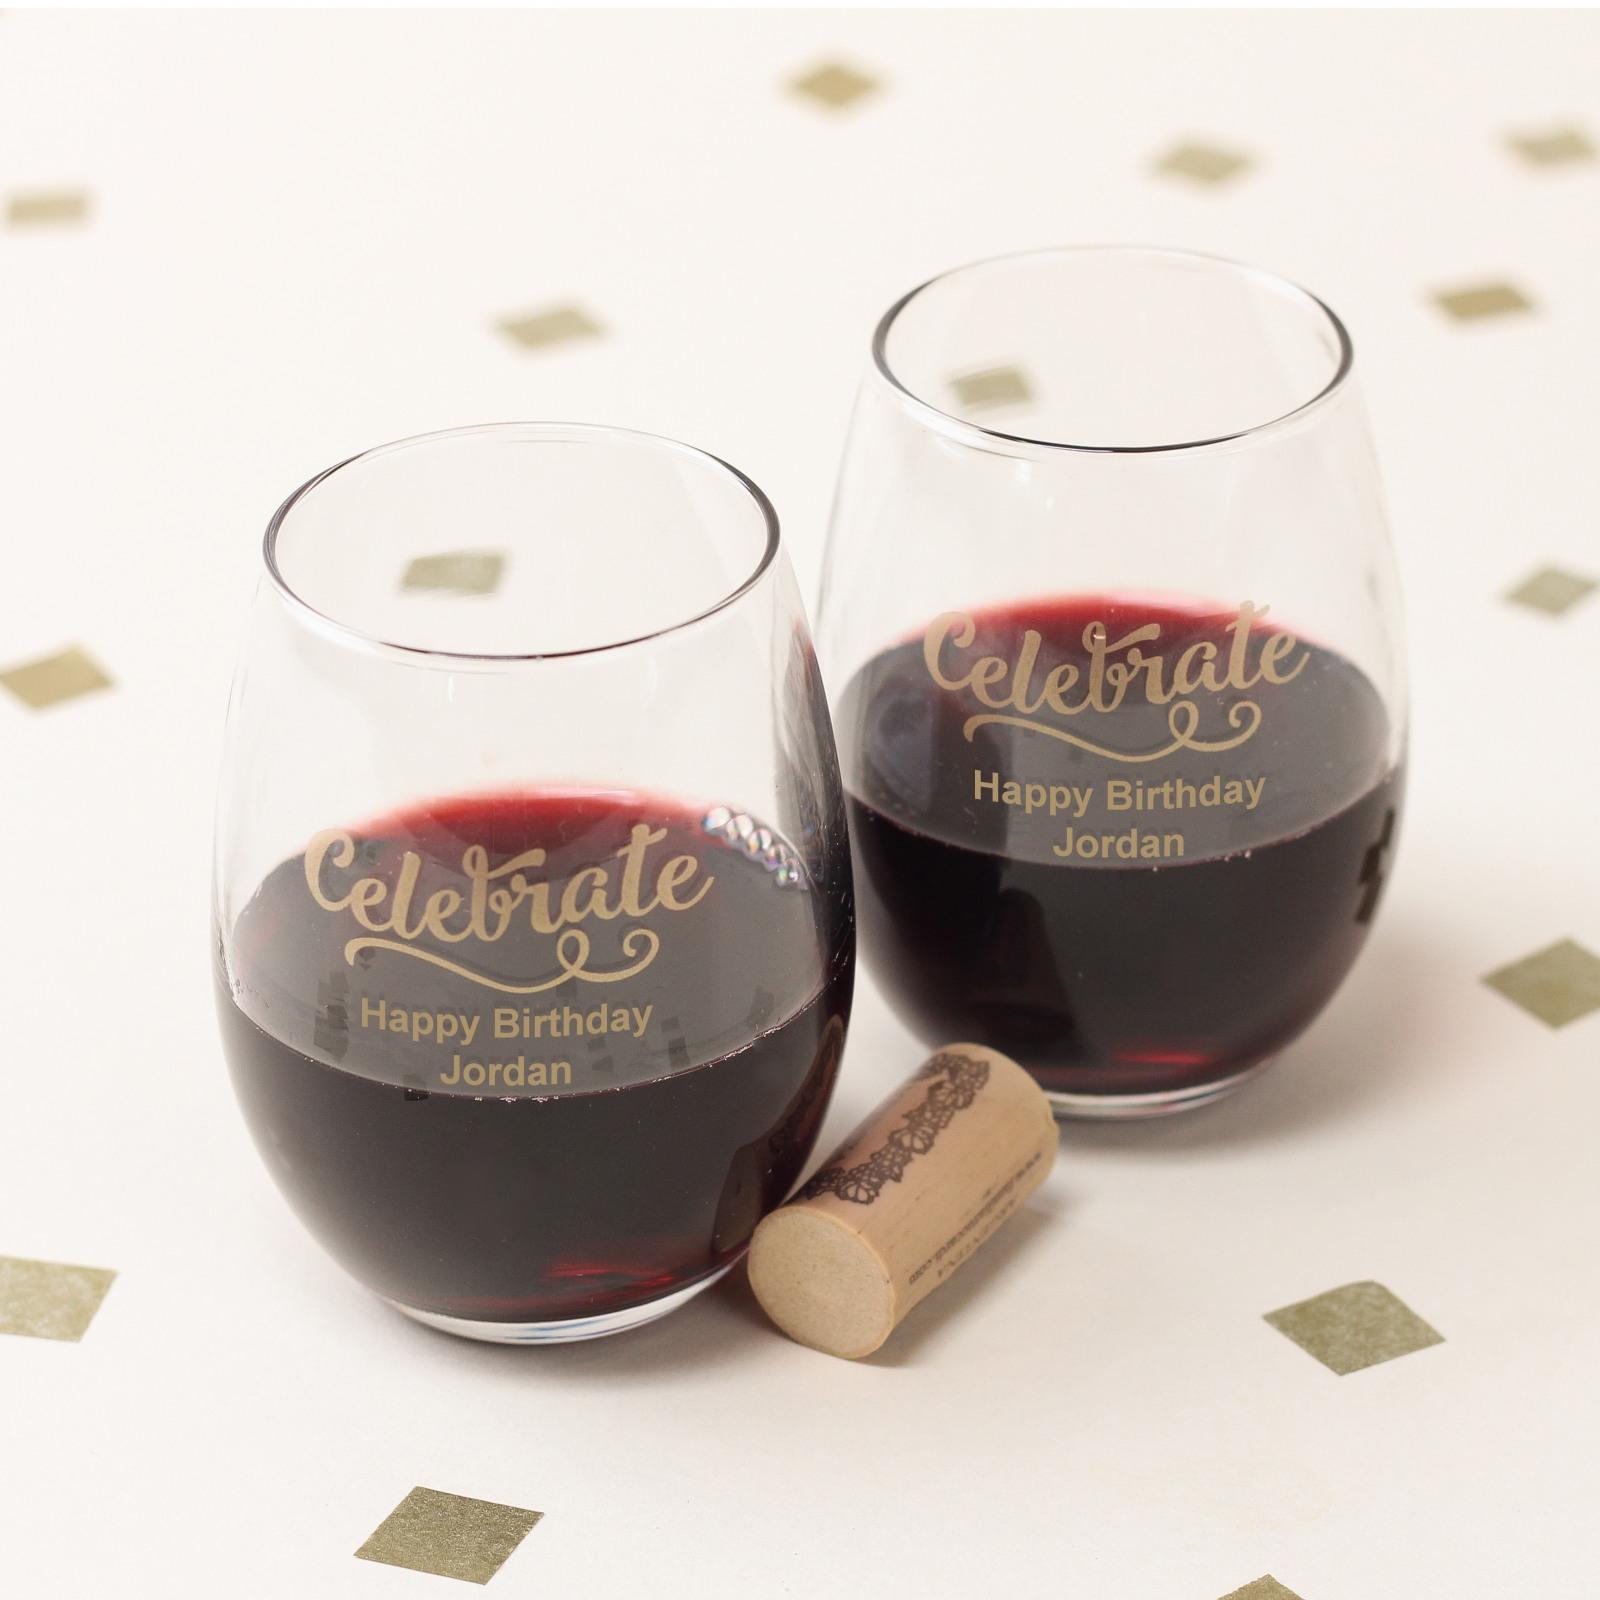 Personalized 9 oz. Celebrate Stemless Wine Glass